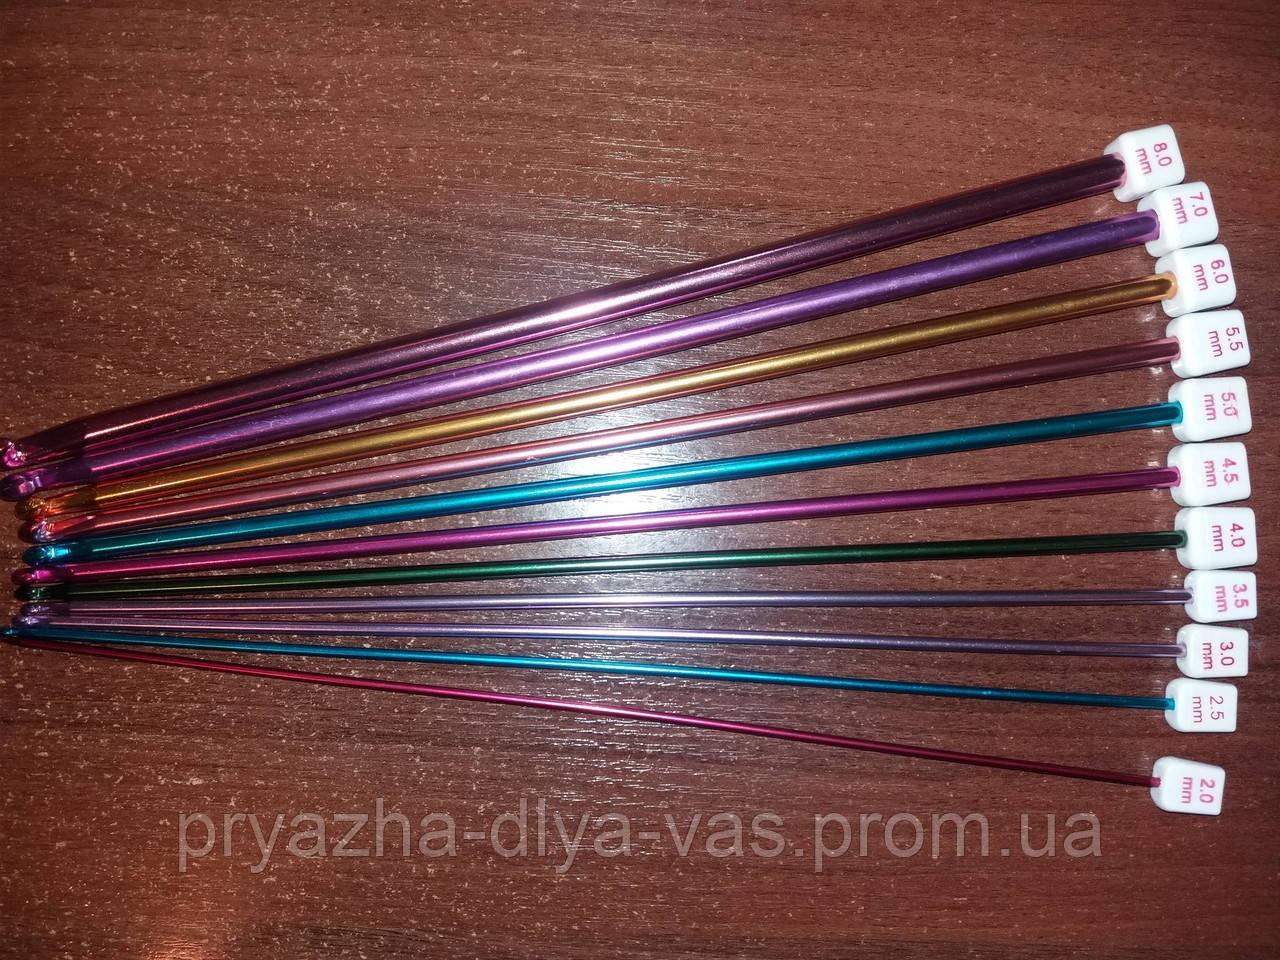 крючок для тунисского вязания алюминиевый 70 цена 22 грн купить